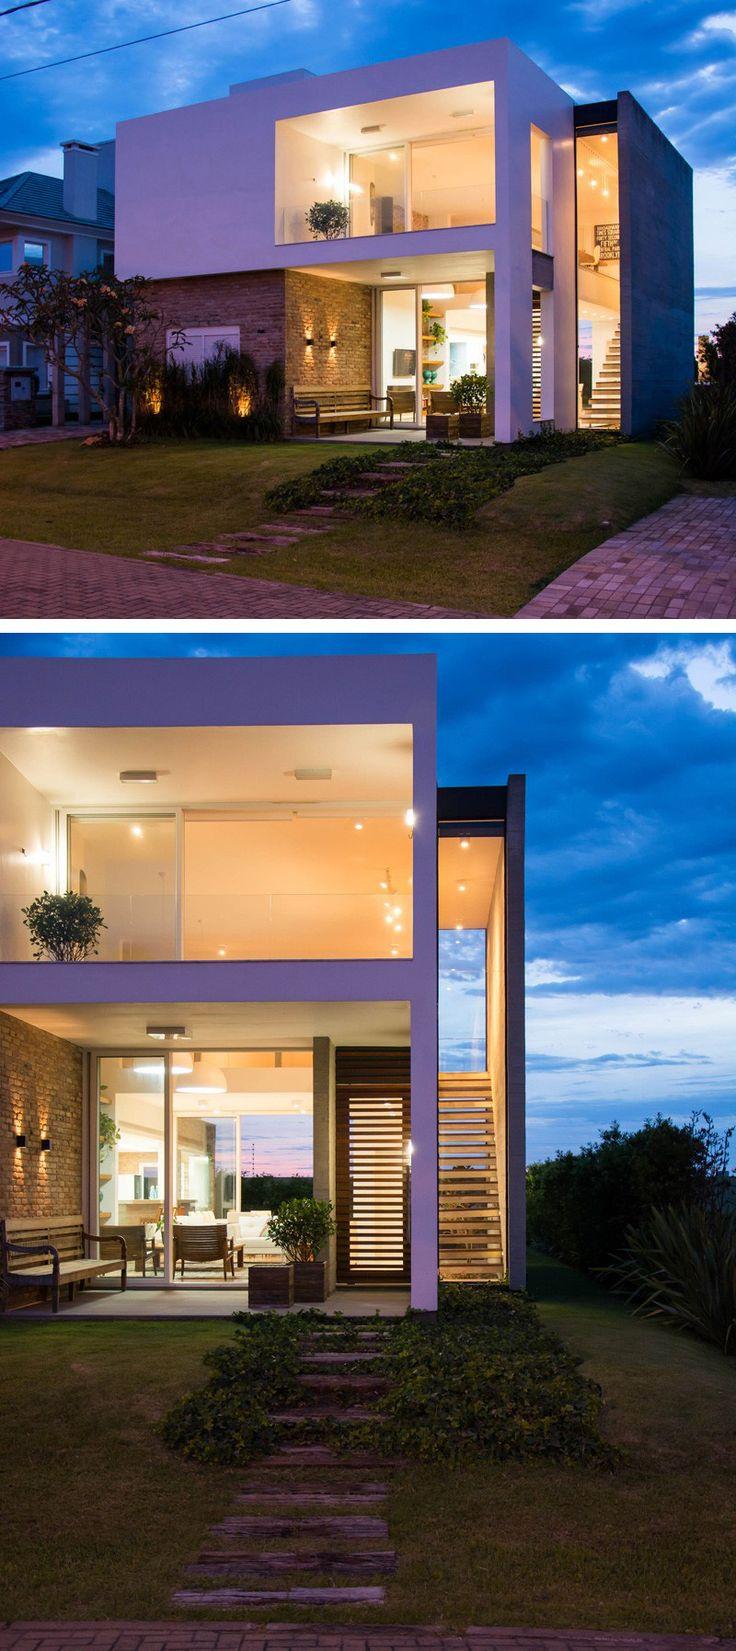 ESTUDIO 30 51 have designed Casa Ventura M22, a residence for a family in Rio Grande do Sul, Brazil.